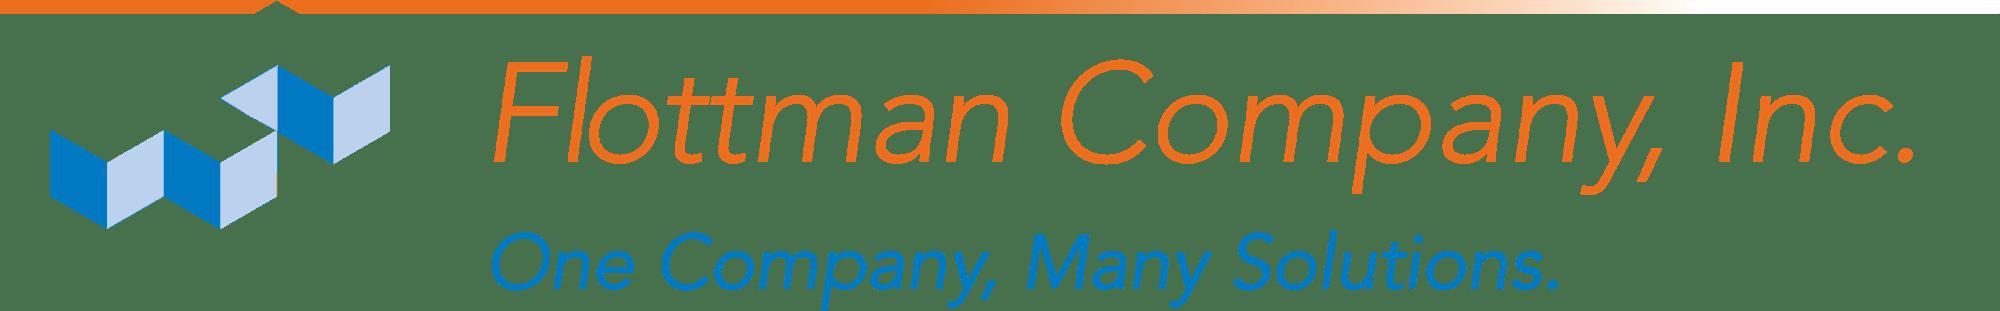 Flottman Company